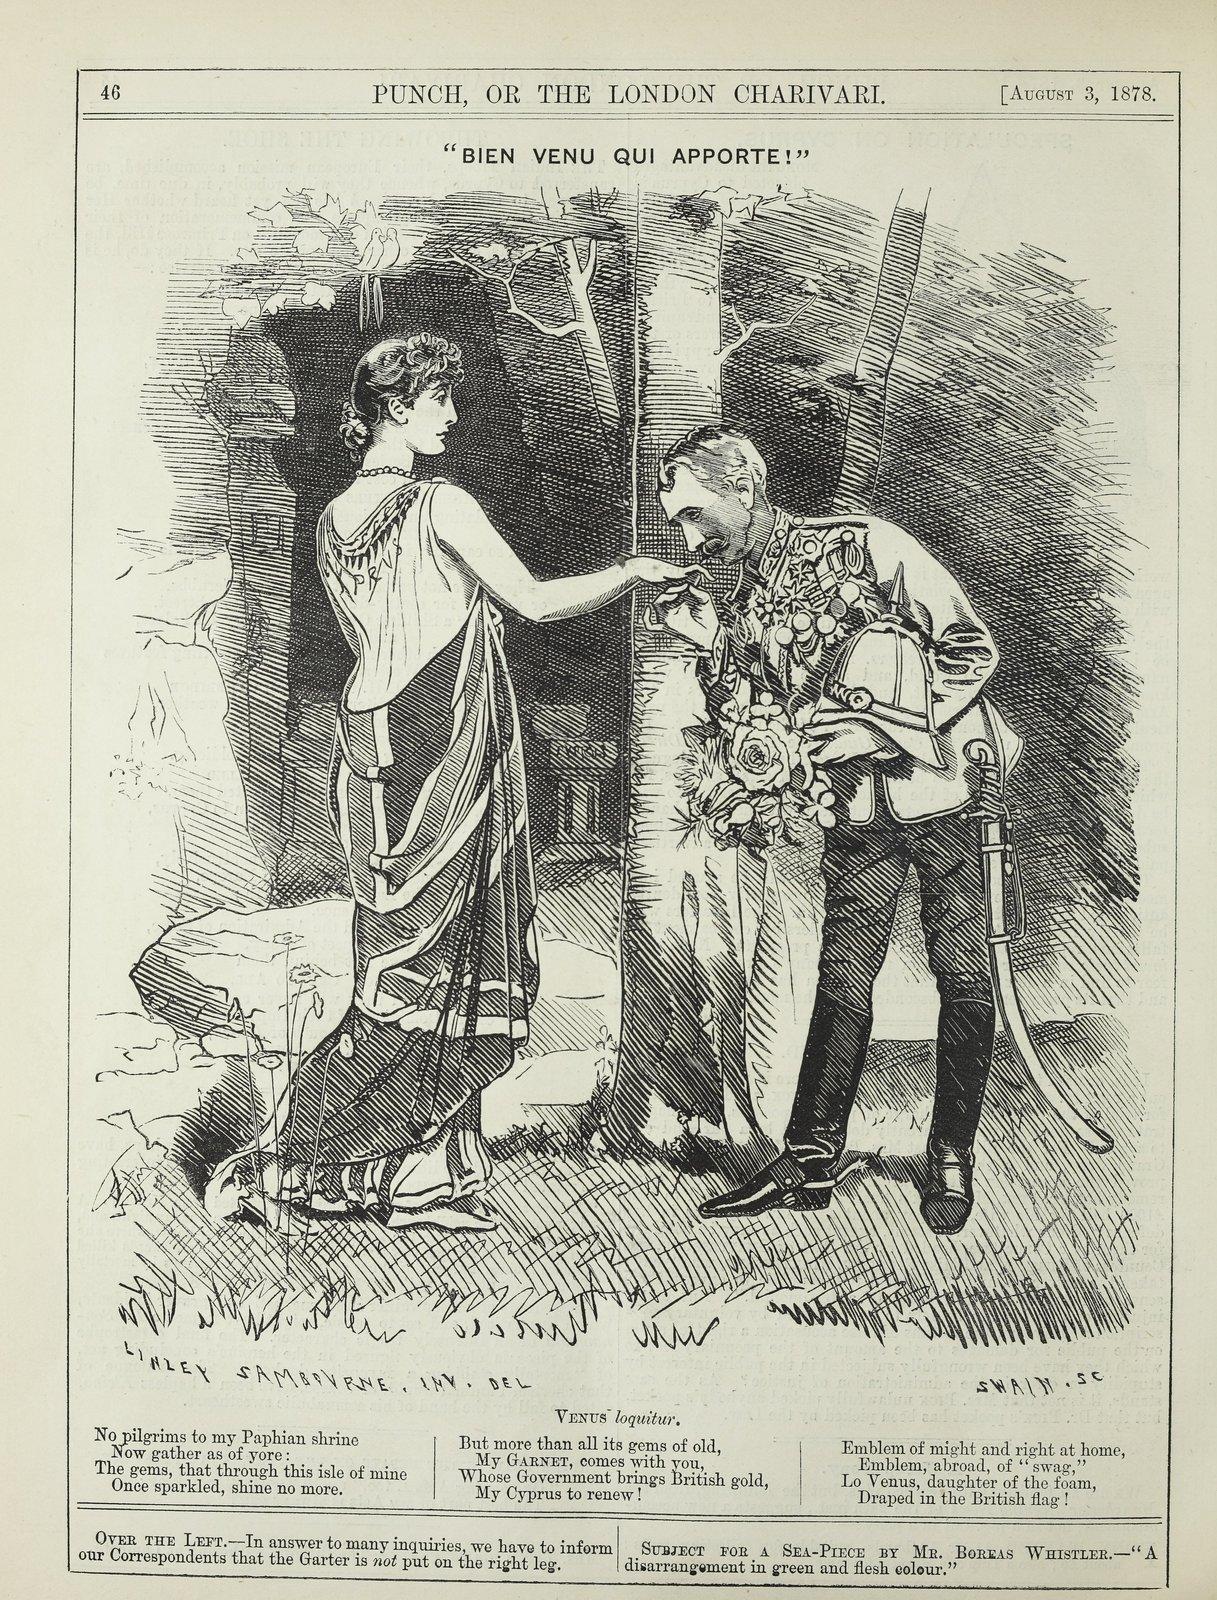 Punch, 'Bien venu qui apporte!', 3 August 1878,  p. 46.